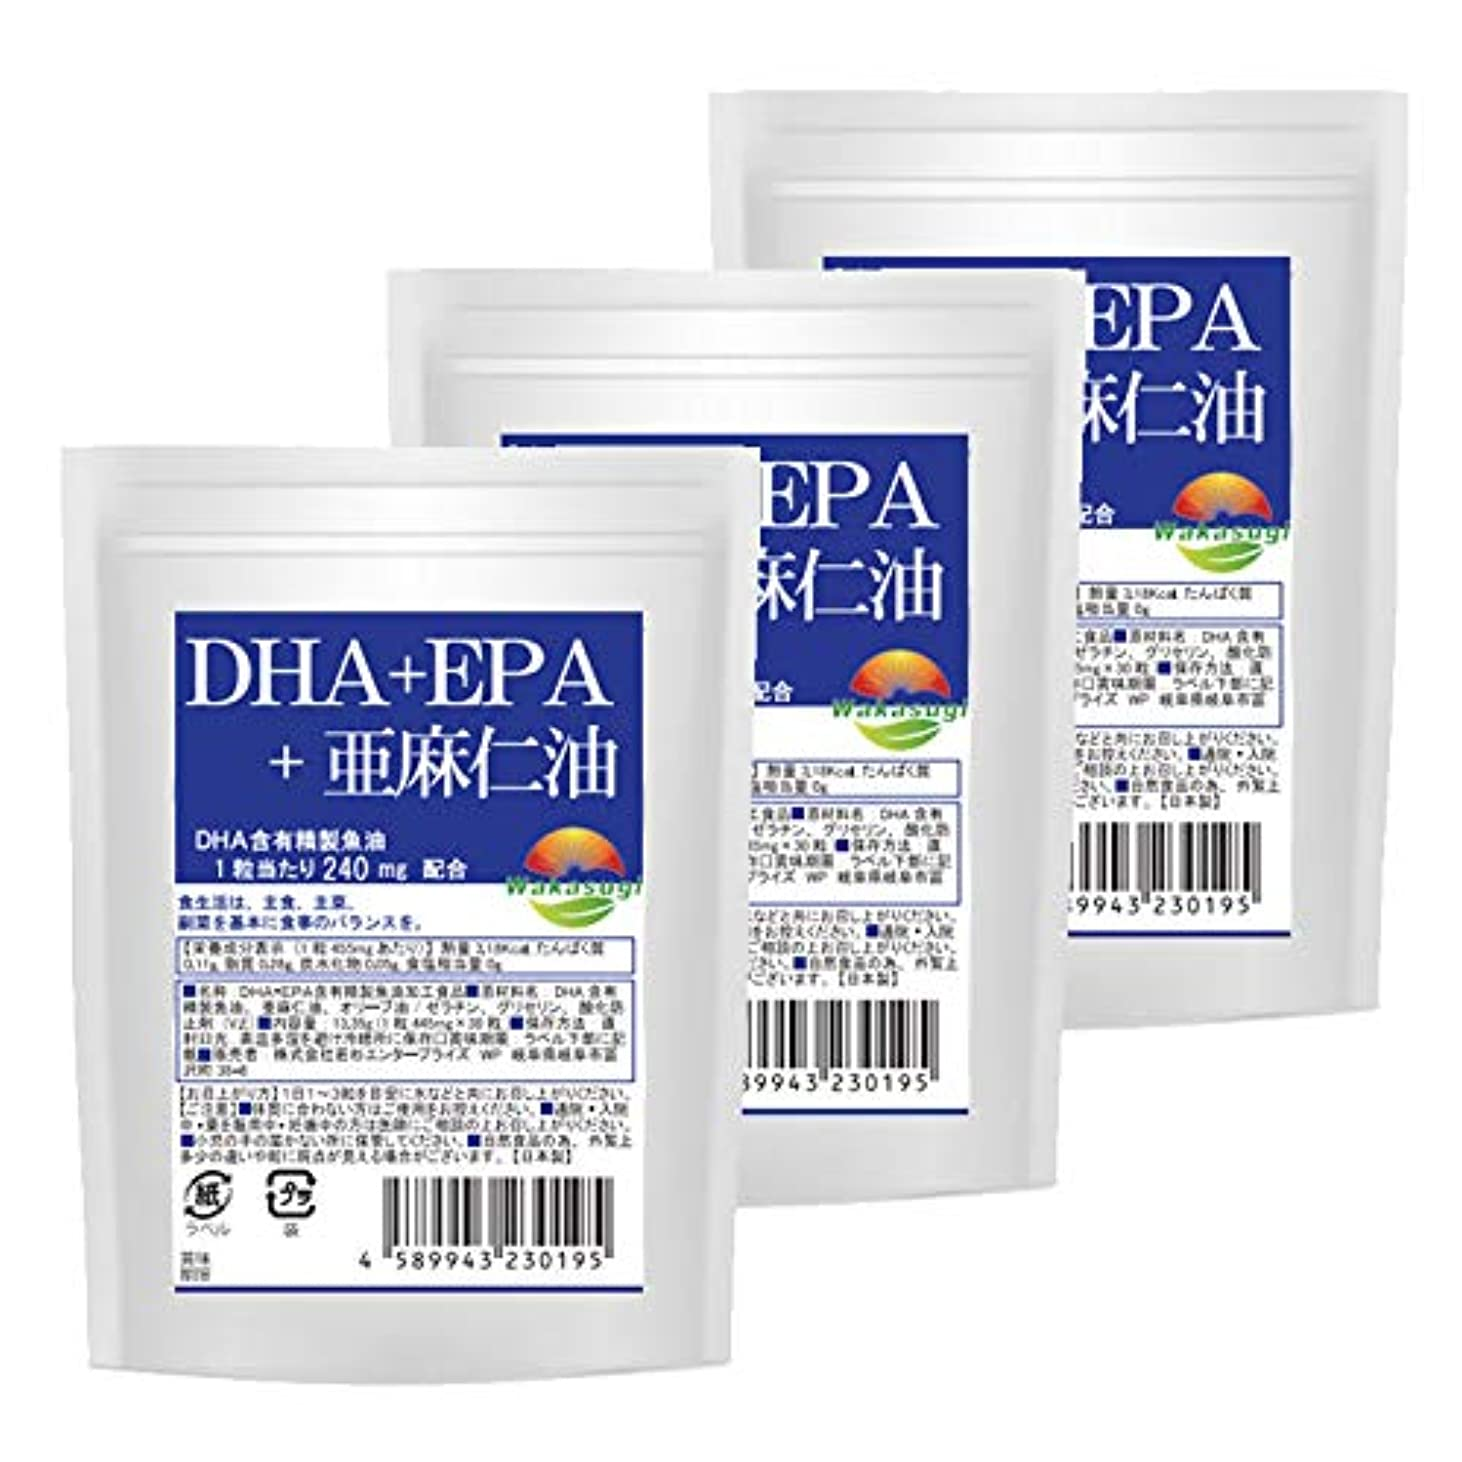 スティックハブブ引くDHA+EPA+亜麻仁油 30粒 3袋 セット 計90粒 最大3か月分 ソフトカプセルタイプ